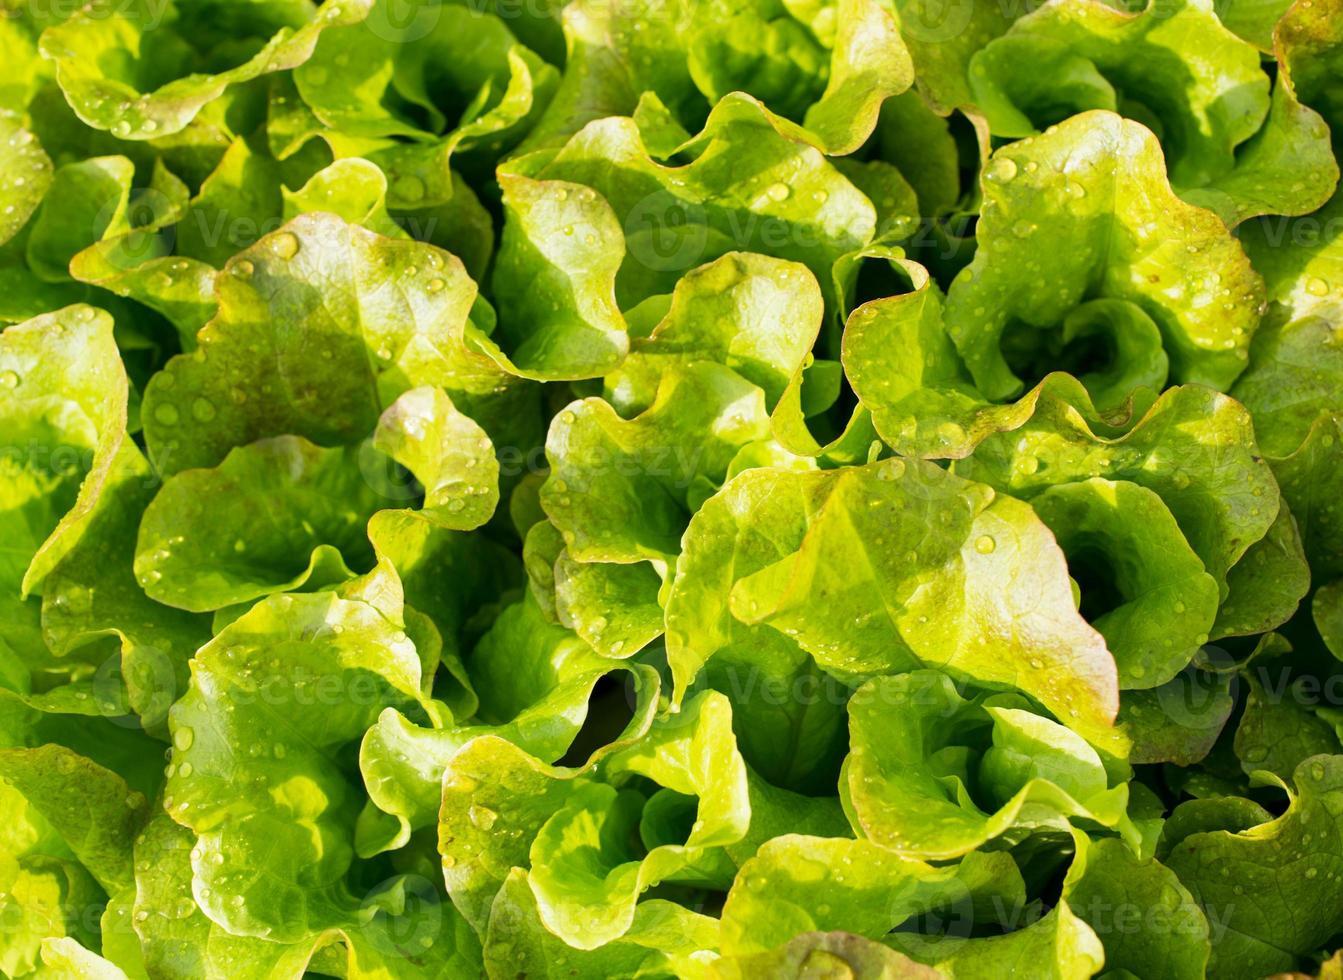 sfondo di foglie fresche insalata verde in giardino foto